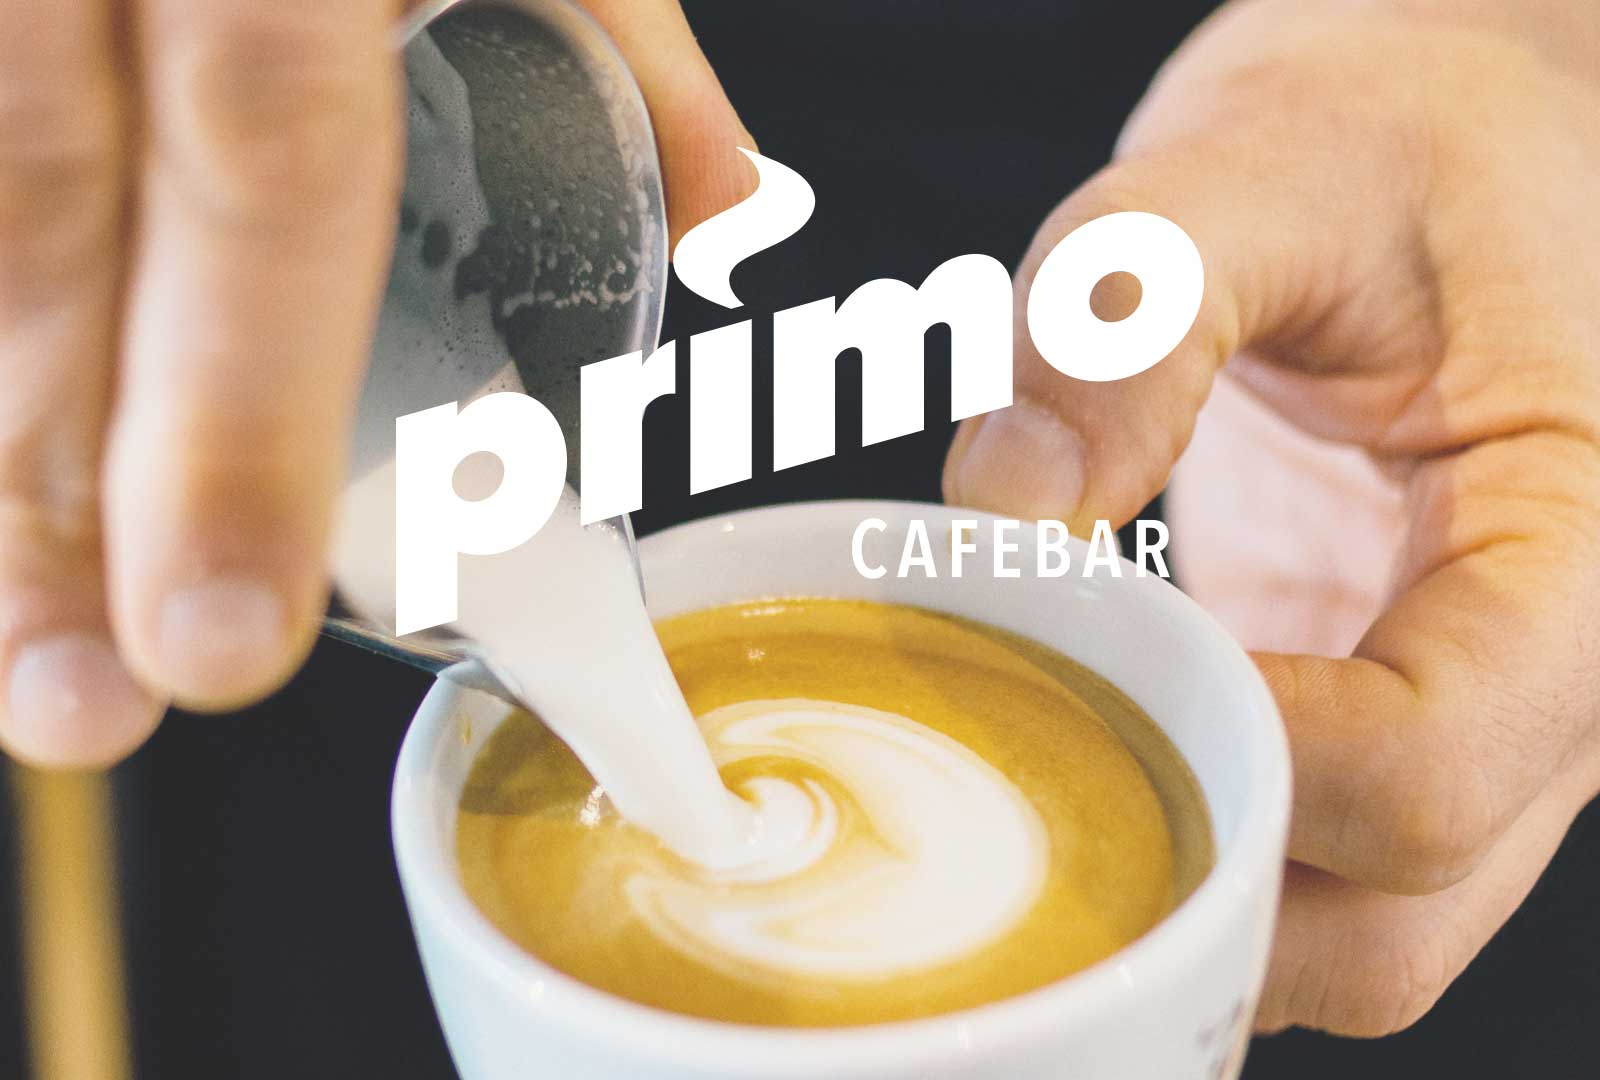 Primo Cafebar Espresso Onlineshop